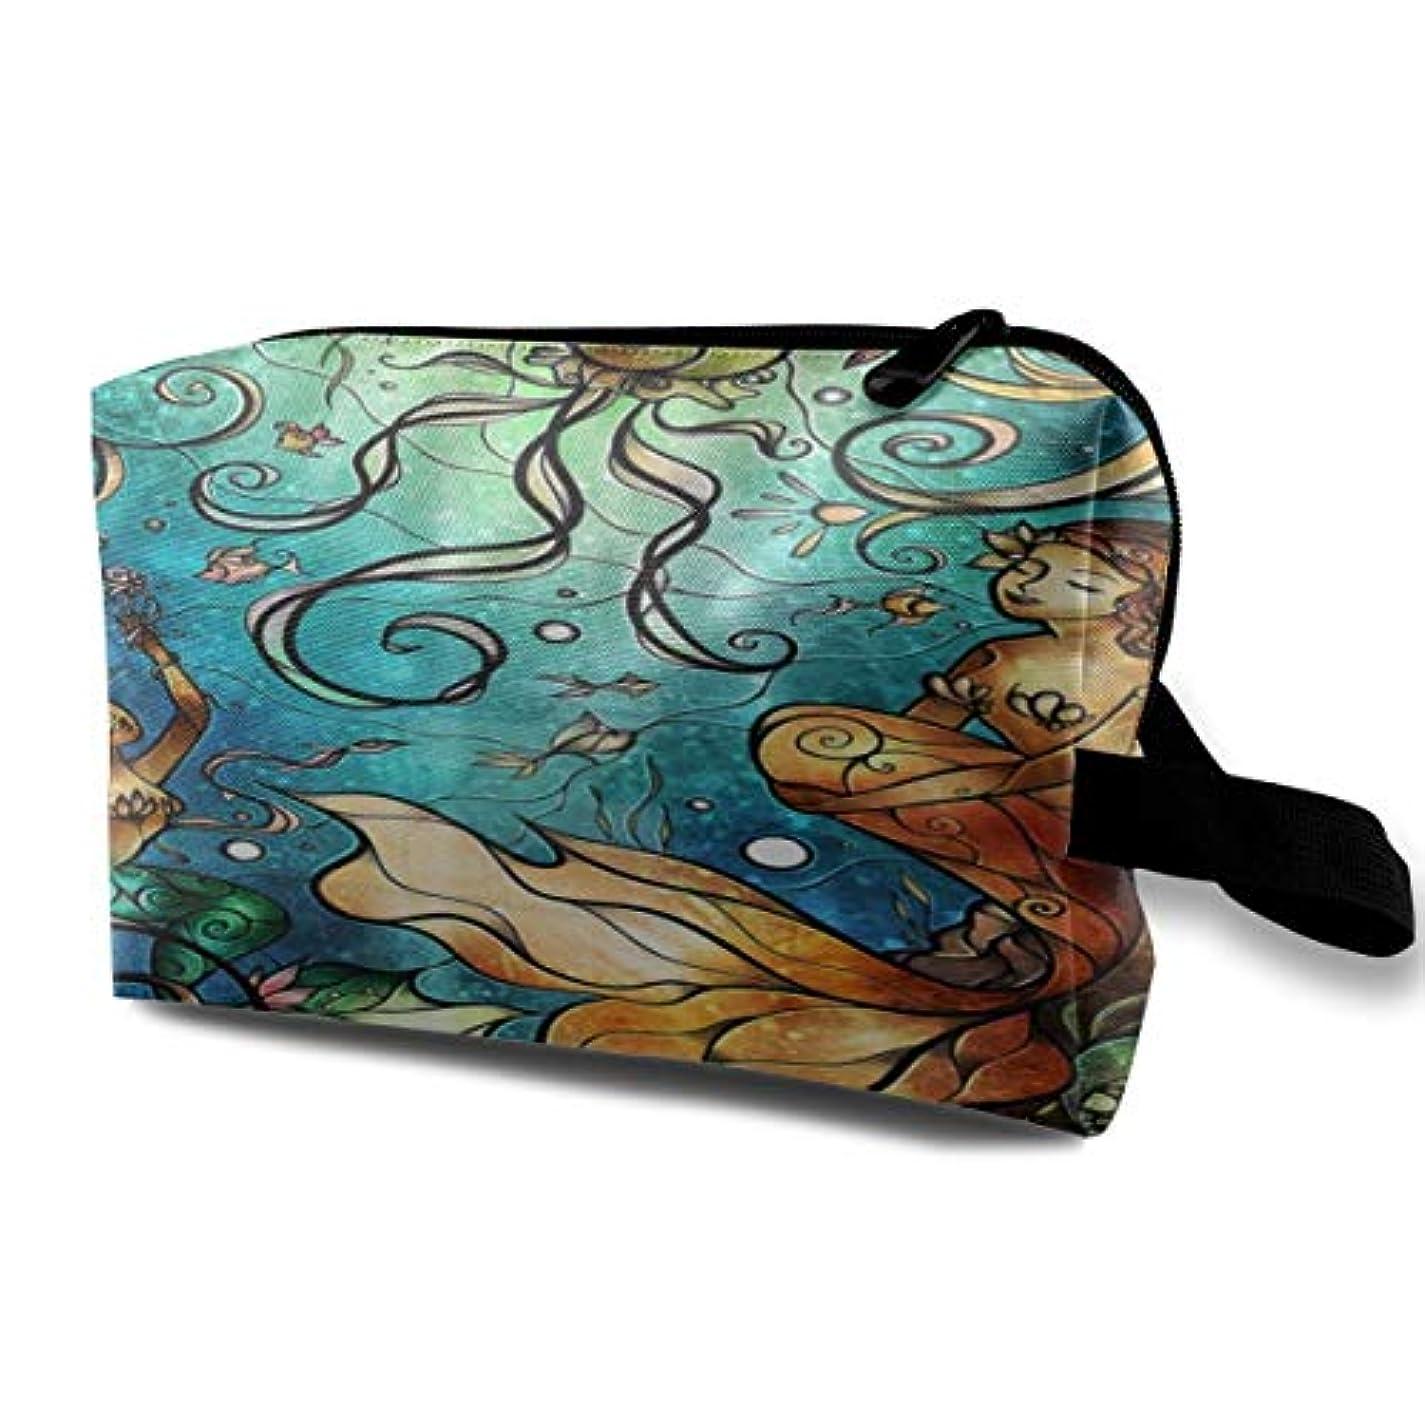 相対的乏しい幻想的Mermaid Under The Sea 収納ポーチ 化粧ポーチ 大容量 軽量 耐久性 ハンドル付持ち運び便利。入れ 自宅?出張?旅行?アウトドア撮影などに対応。メンズ レディース トラベルグッズ